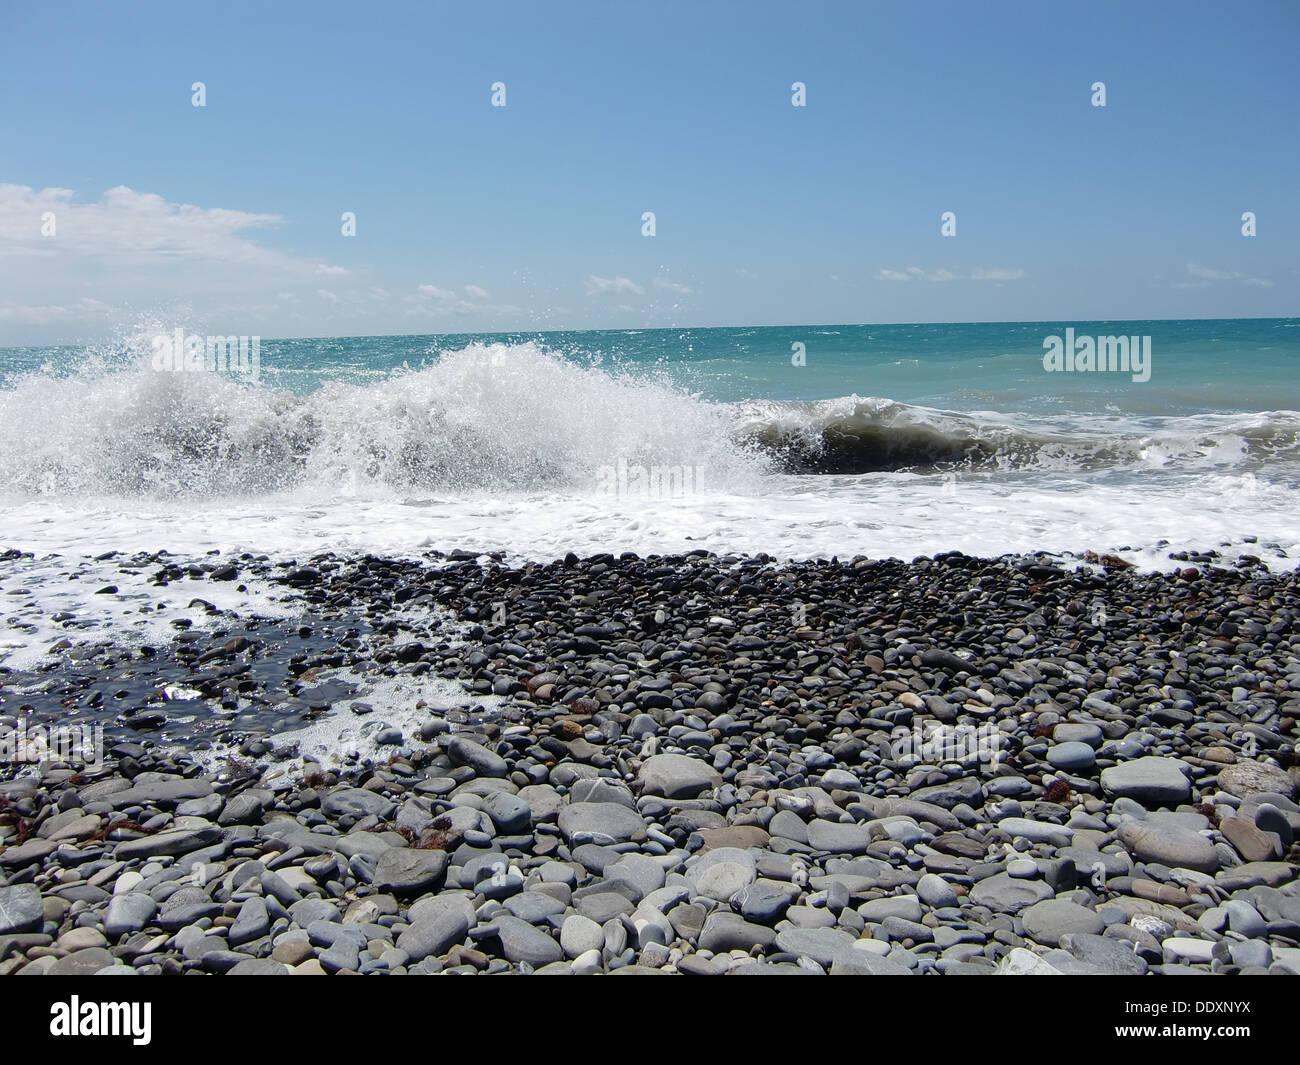 Black Sea at Lazarevskoe (Sochi, Russia) - Stock Image